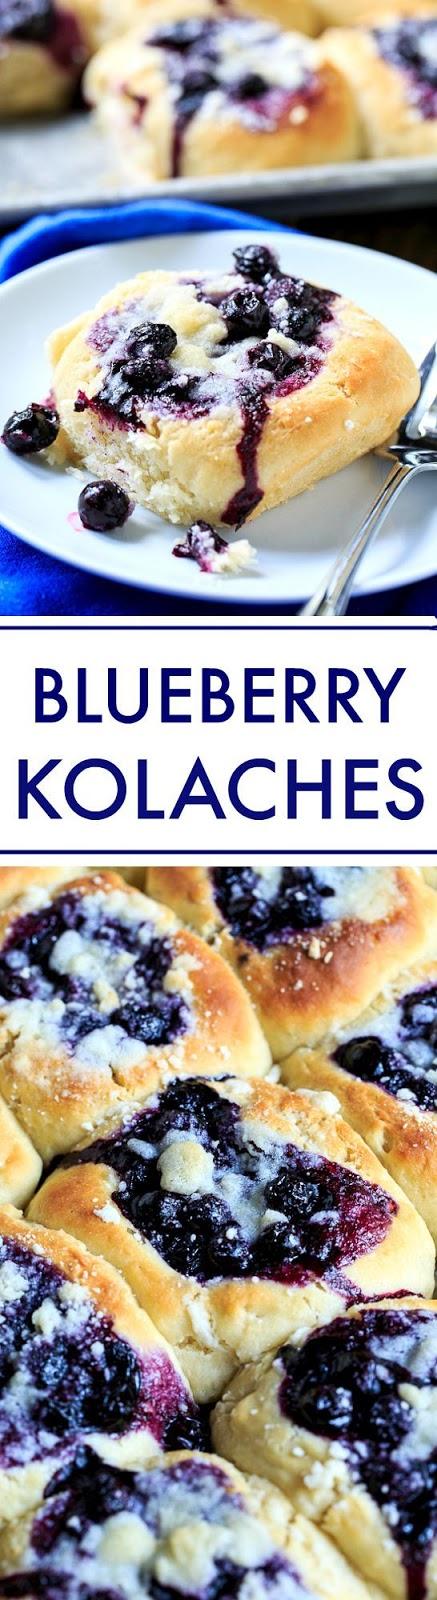 Blueberry Kolaches